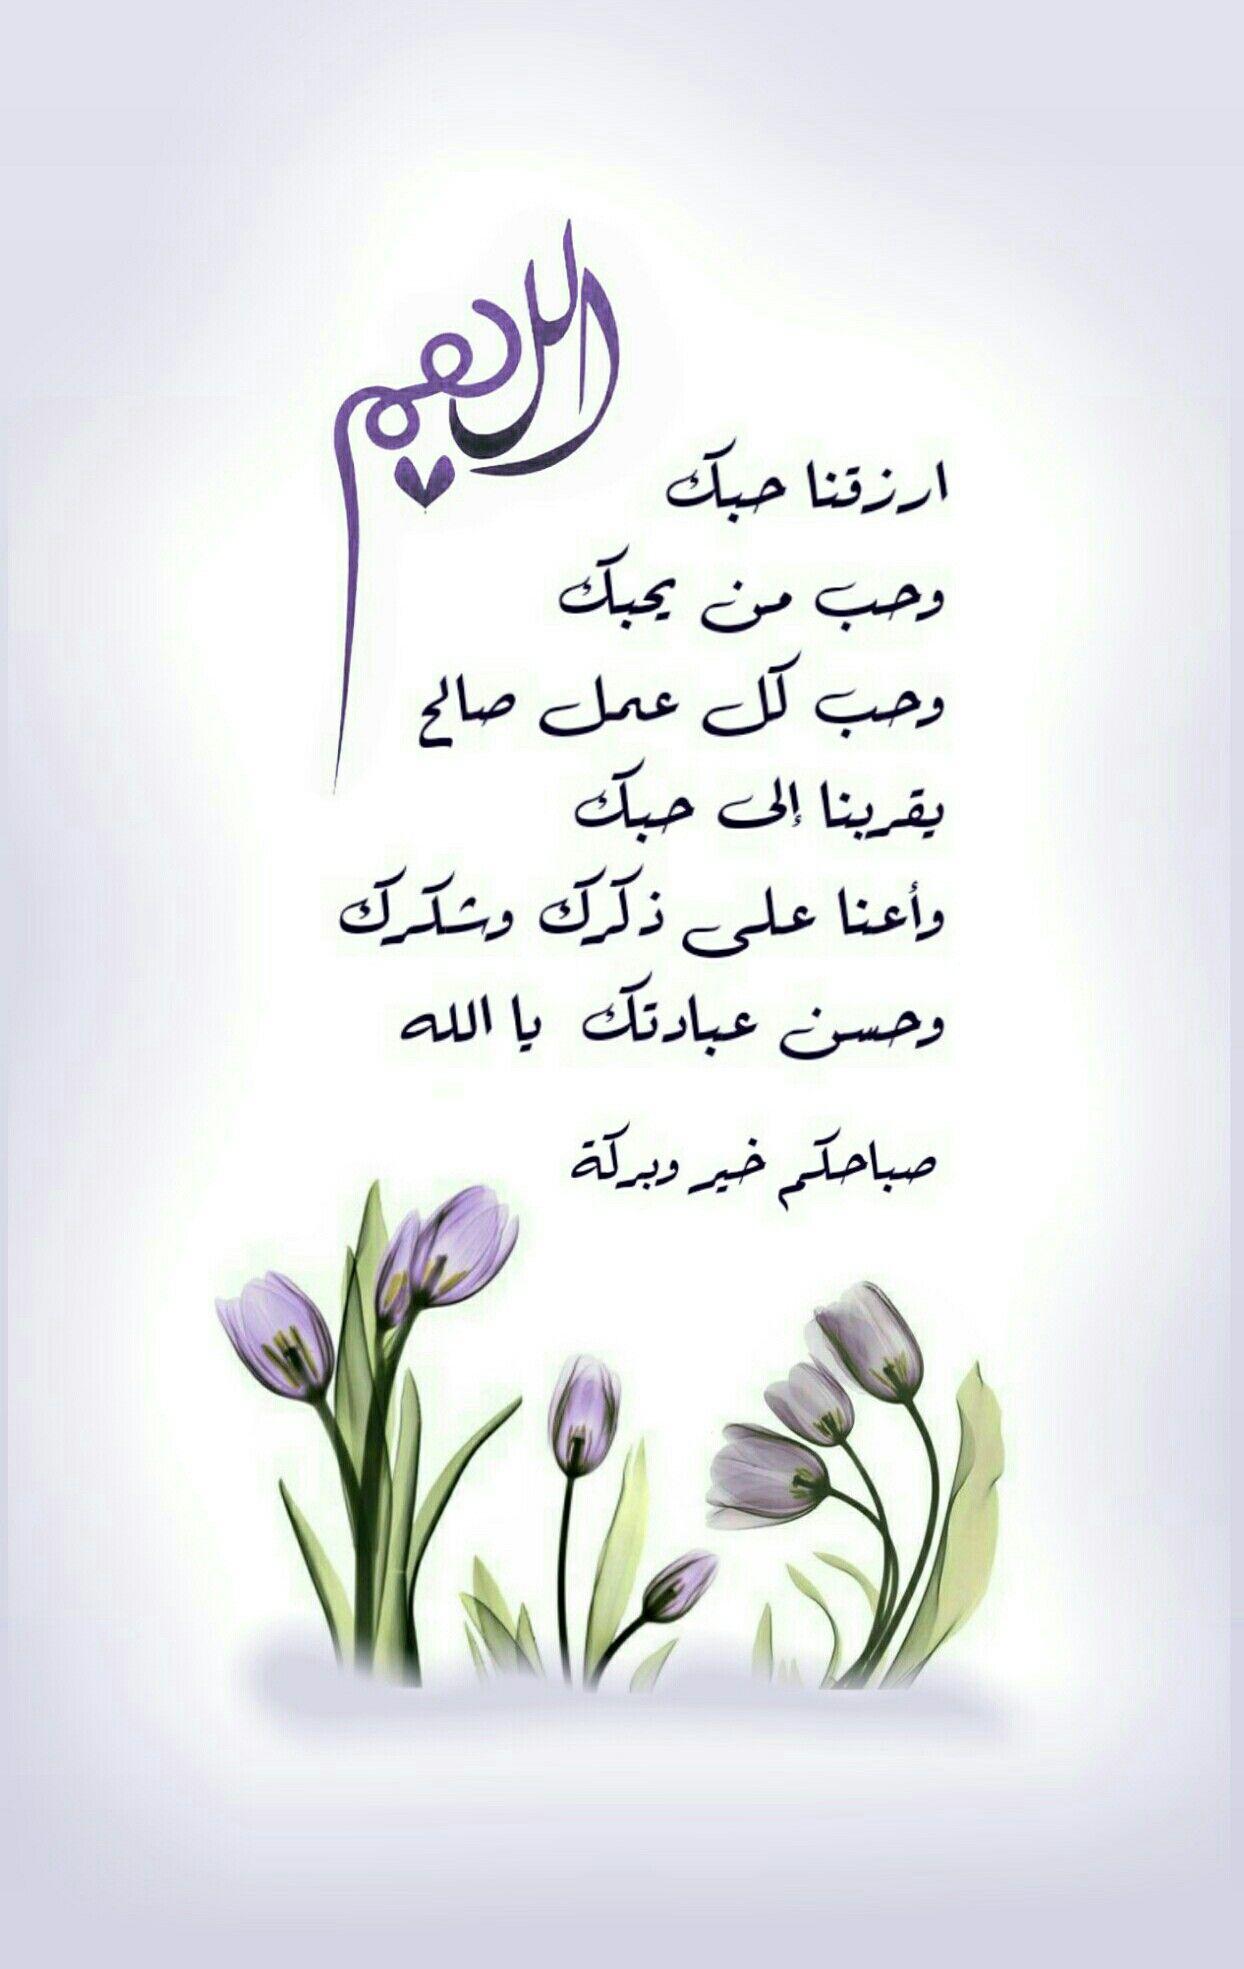 الل ه م الل هم ارزقنا حبك وحب من يحبك وحب كل عمل صالح يقربنا إلى حبك وأعنا على ذ Beautiful Morning Messages Good Morning Arabic Beautiful Islamic Quotes